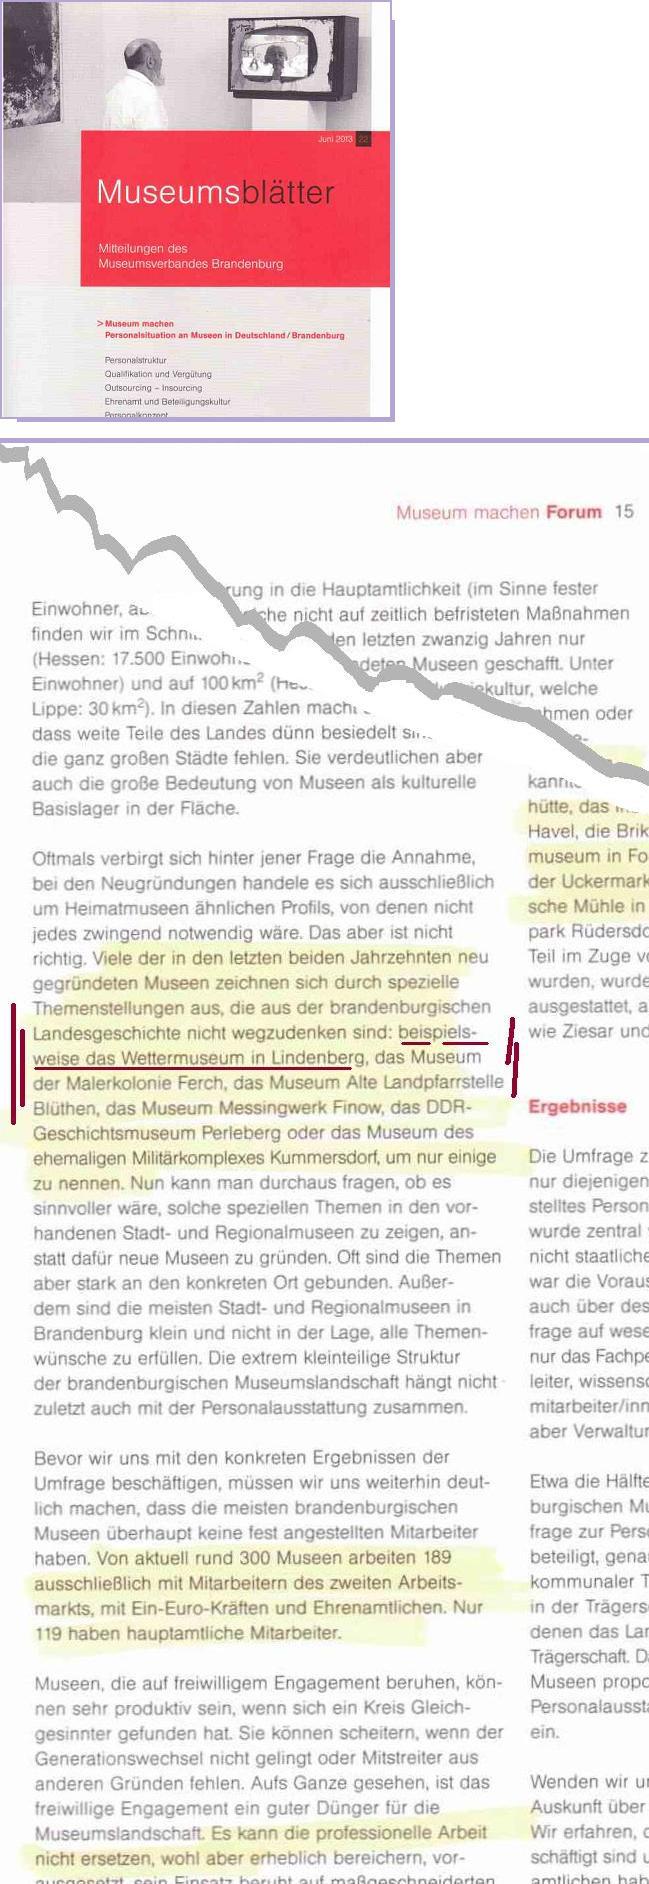 Titelseite und Ausriss Museumsblätter  ...